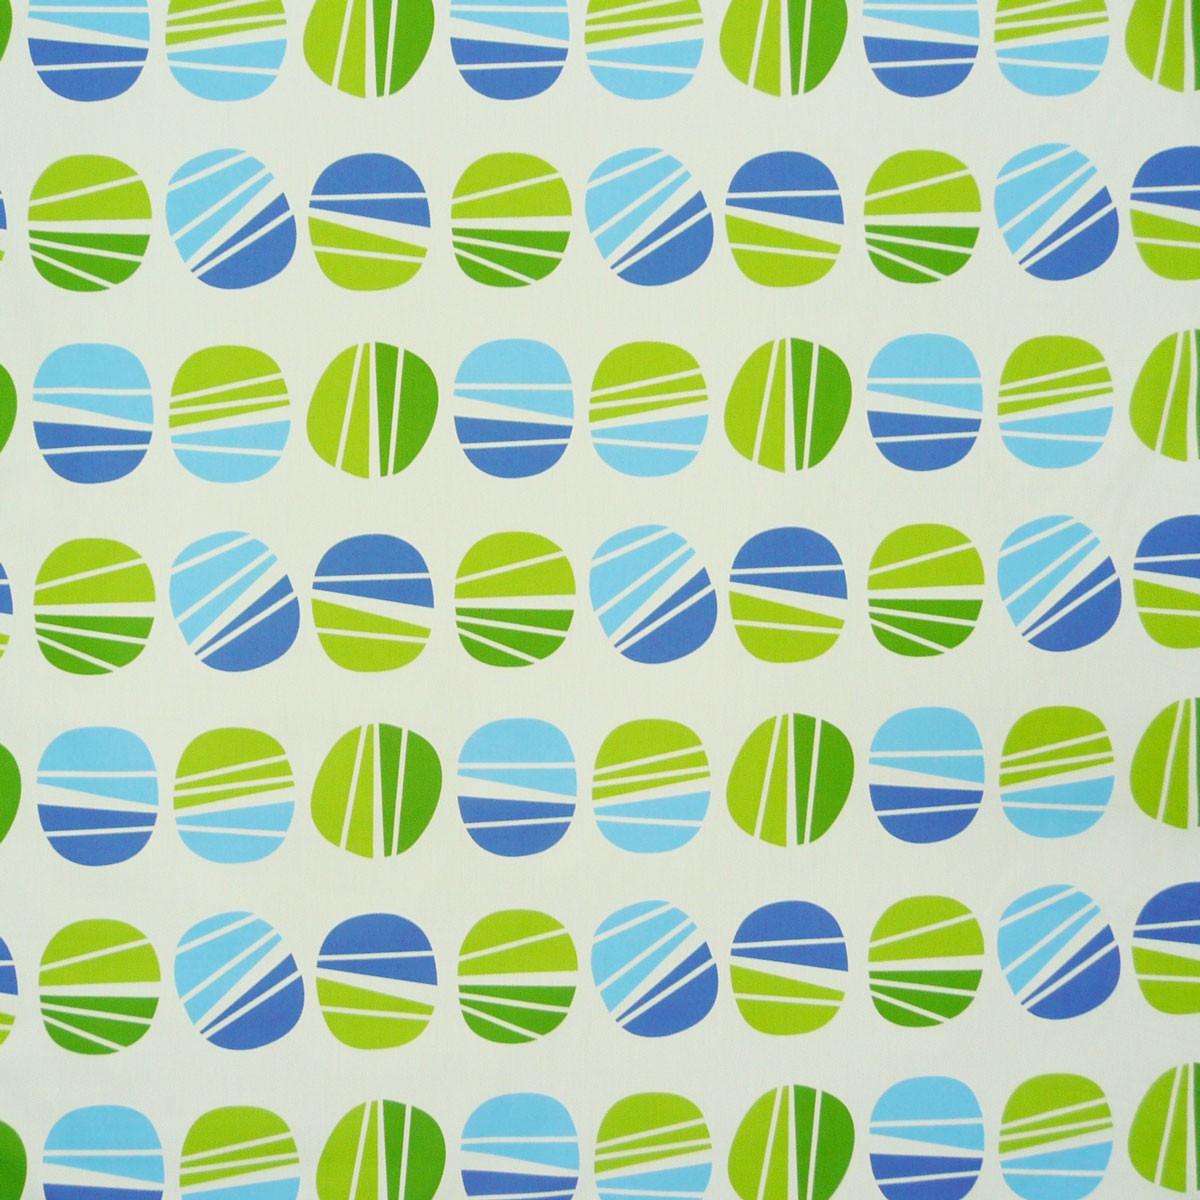 stoff dekostoff gardinenstoff meterware kreise blau gr n stoffe wohnstoffe dekostoffe. Black Bedroom Furniture Sets. Home Design Ideas